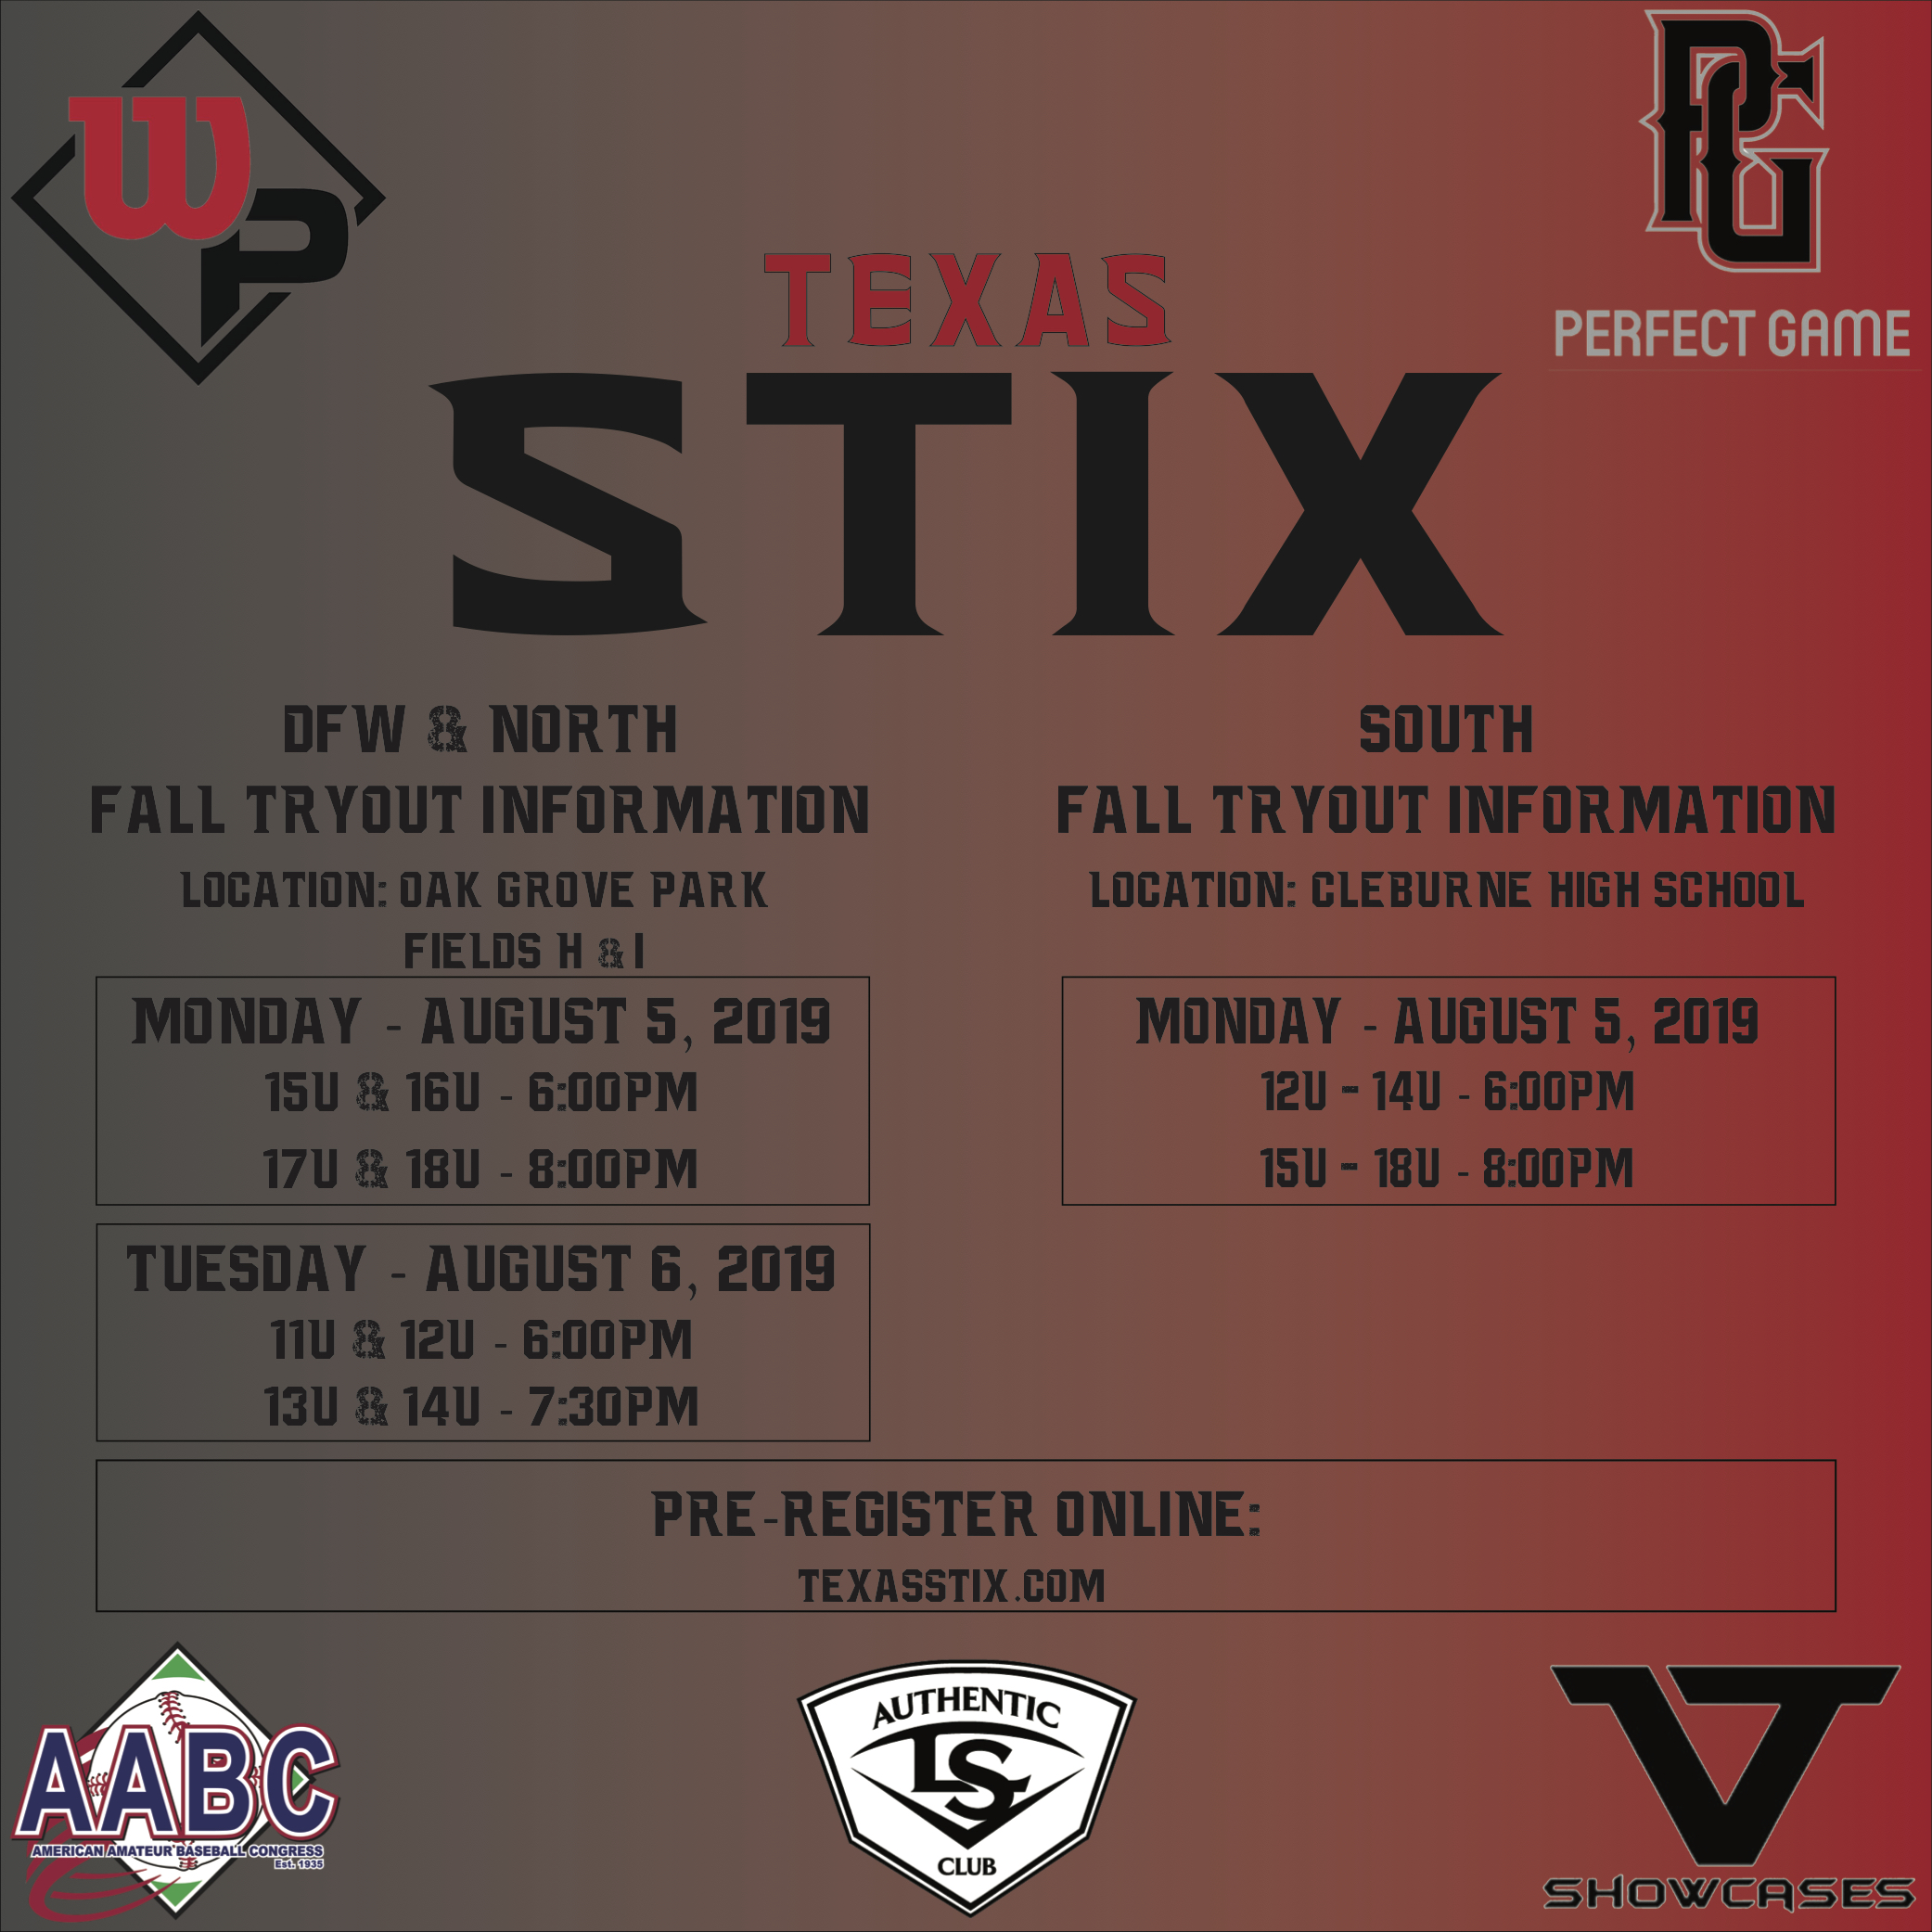 Texas Stix Baseball Tryouts - Fall 2019